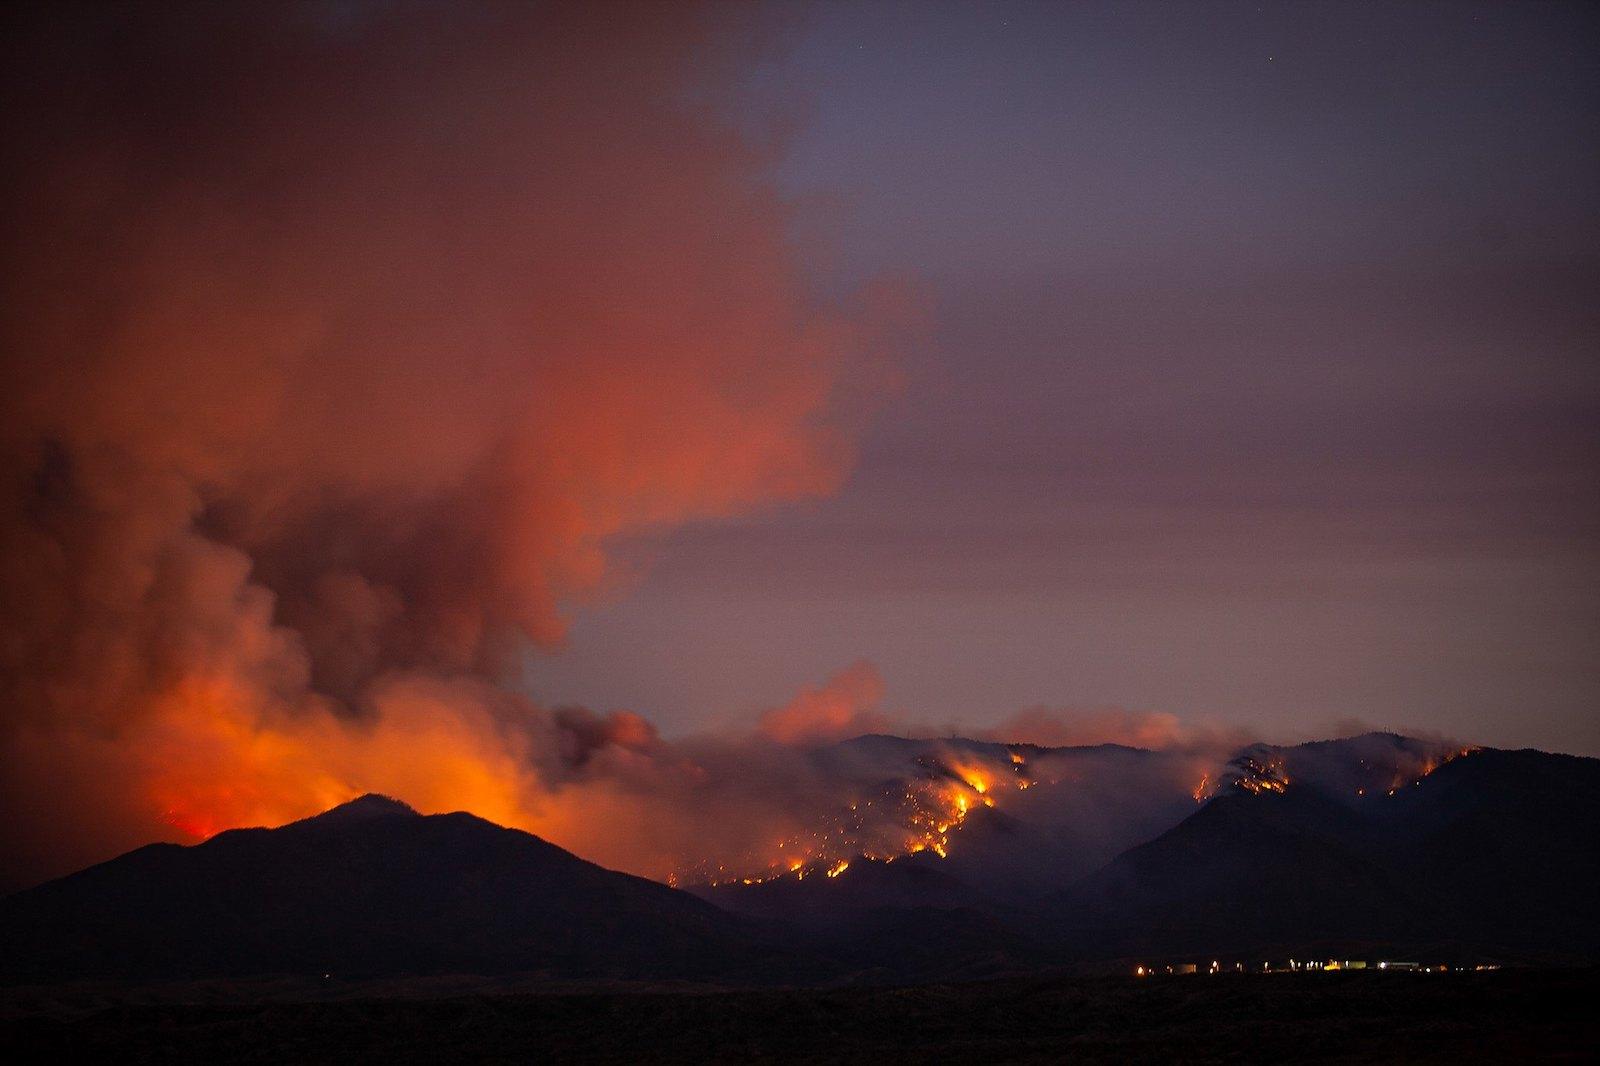 آتش سوزی در جنگل با دود بیش از یک تپه تاریک در برابر غروب خورشید نگاه می کند